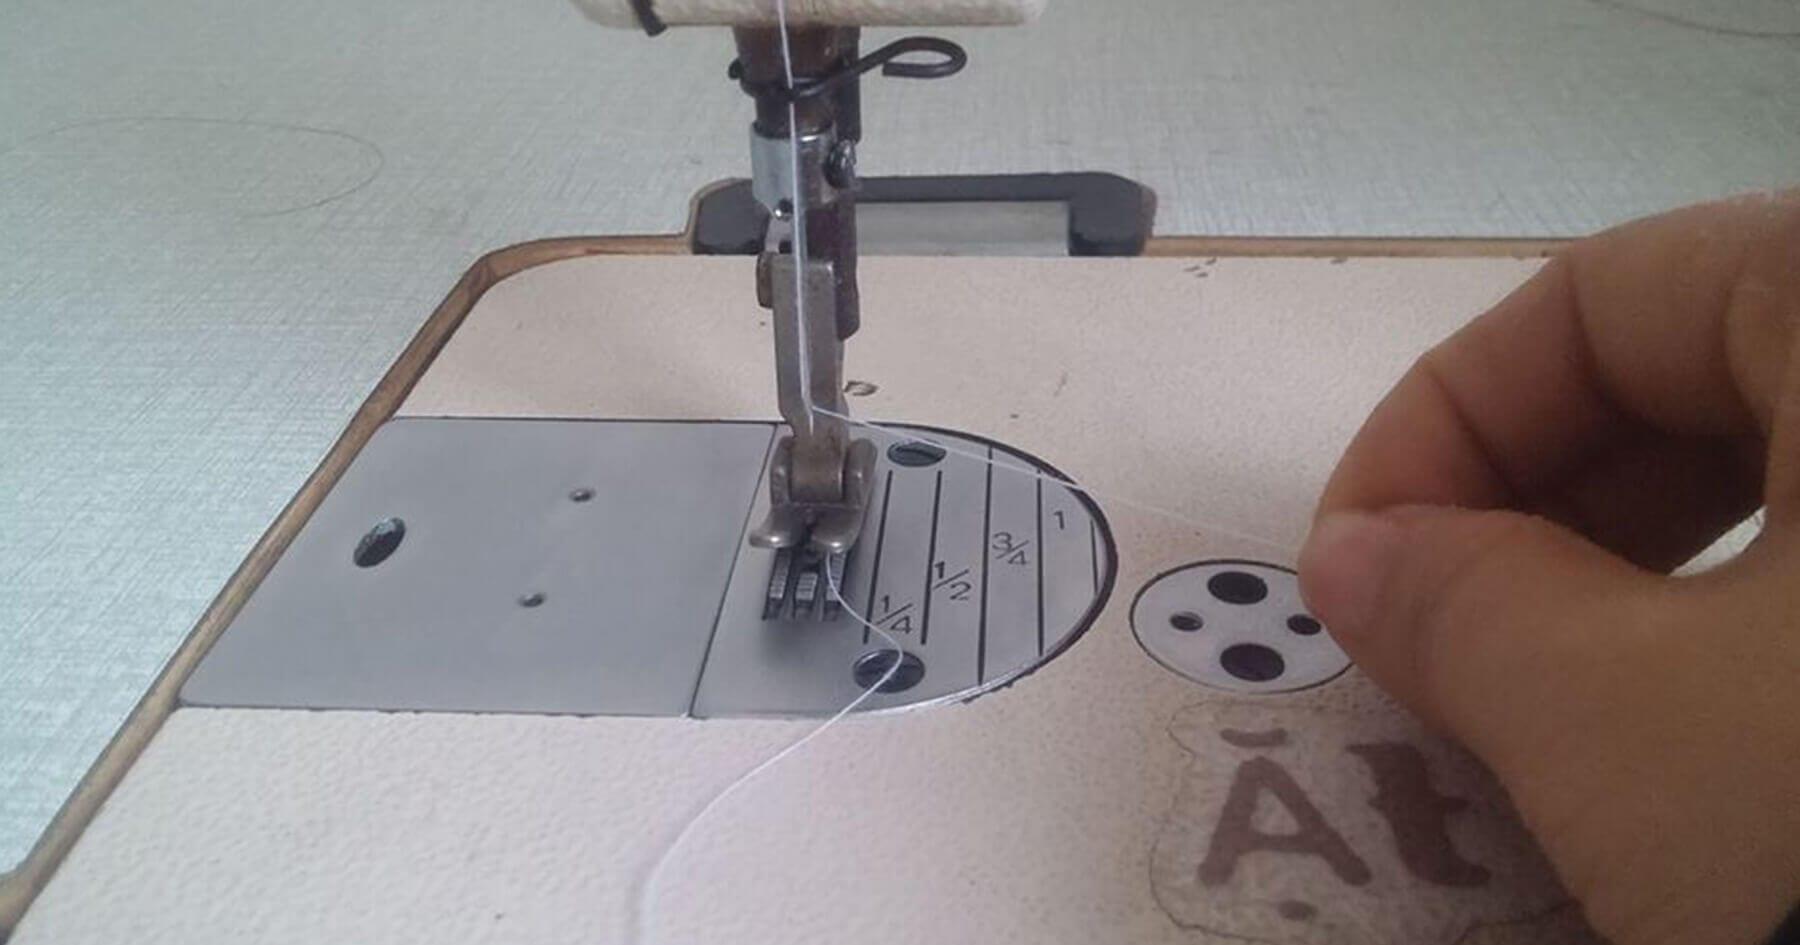 Tuột chỉ trên - Một số lỗi thường gặp khi vận hành máy may công nghiệp